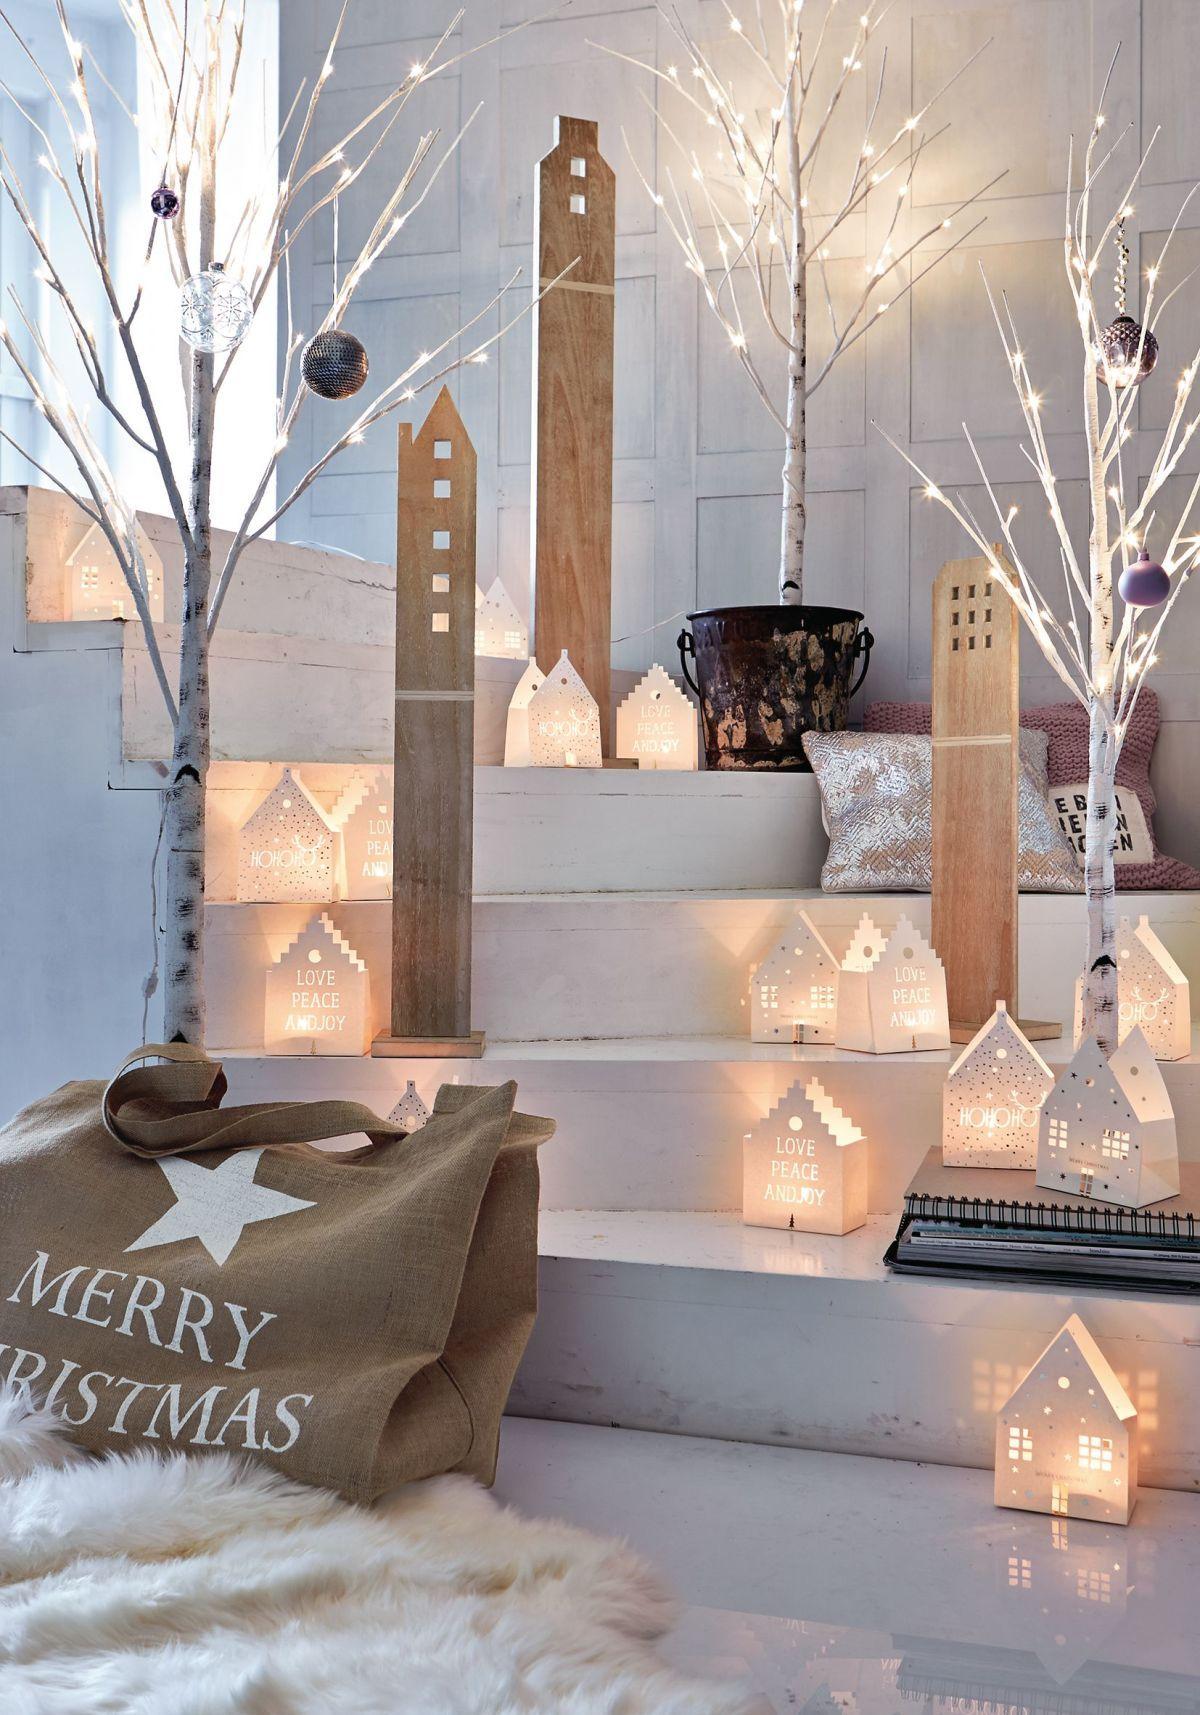 deko mit sten herbst deko hangend artownit for basteln mit sten und zweigen 6 einfallsreiche. Black Bedroom Furniture Sets. Home Design Ideas